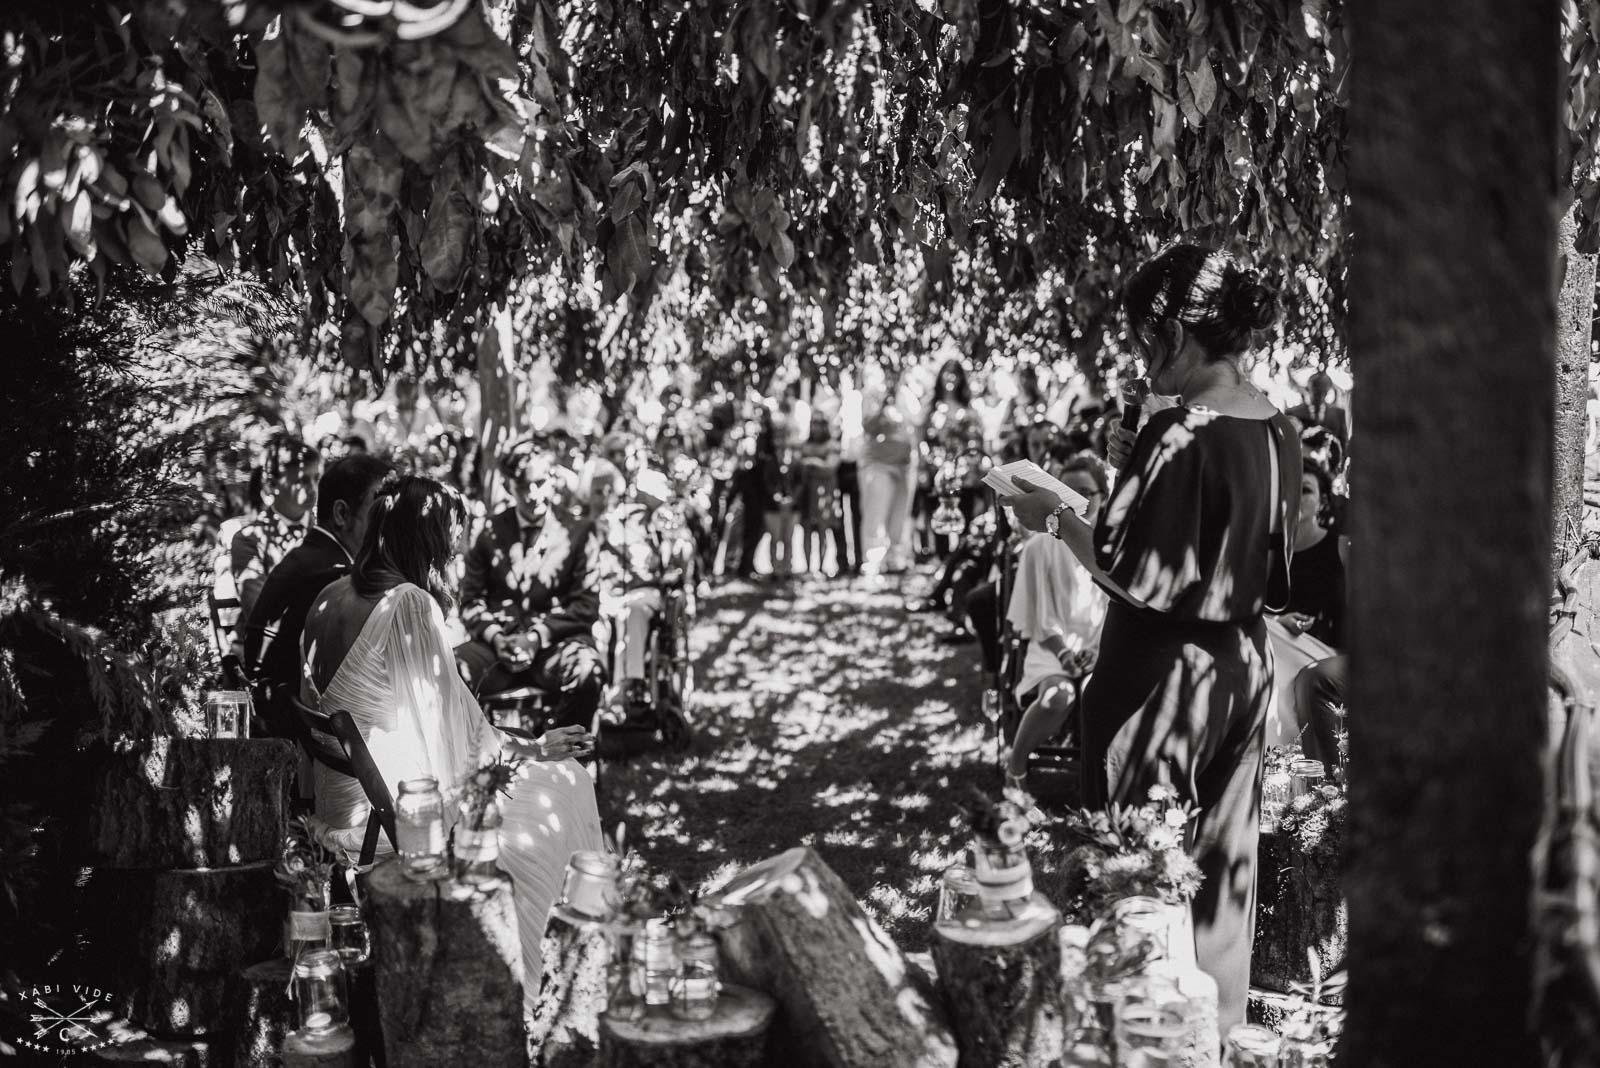 fotografo de bodas en bilbao-85